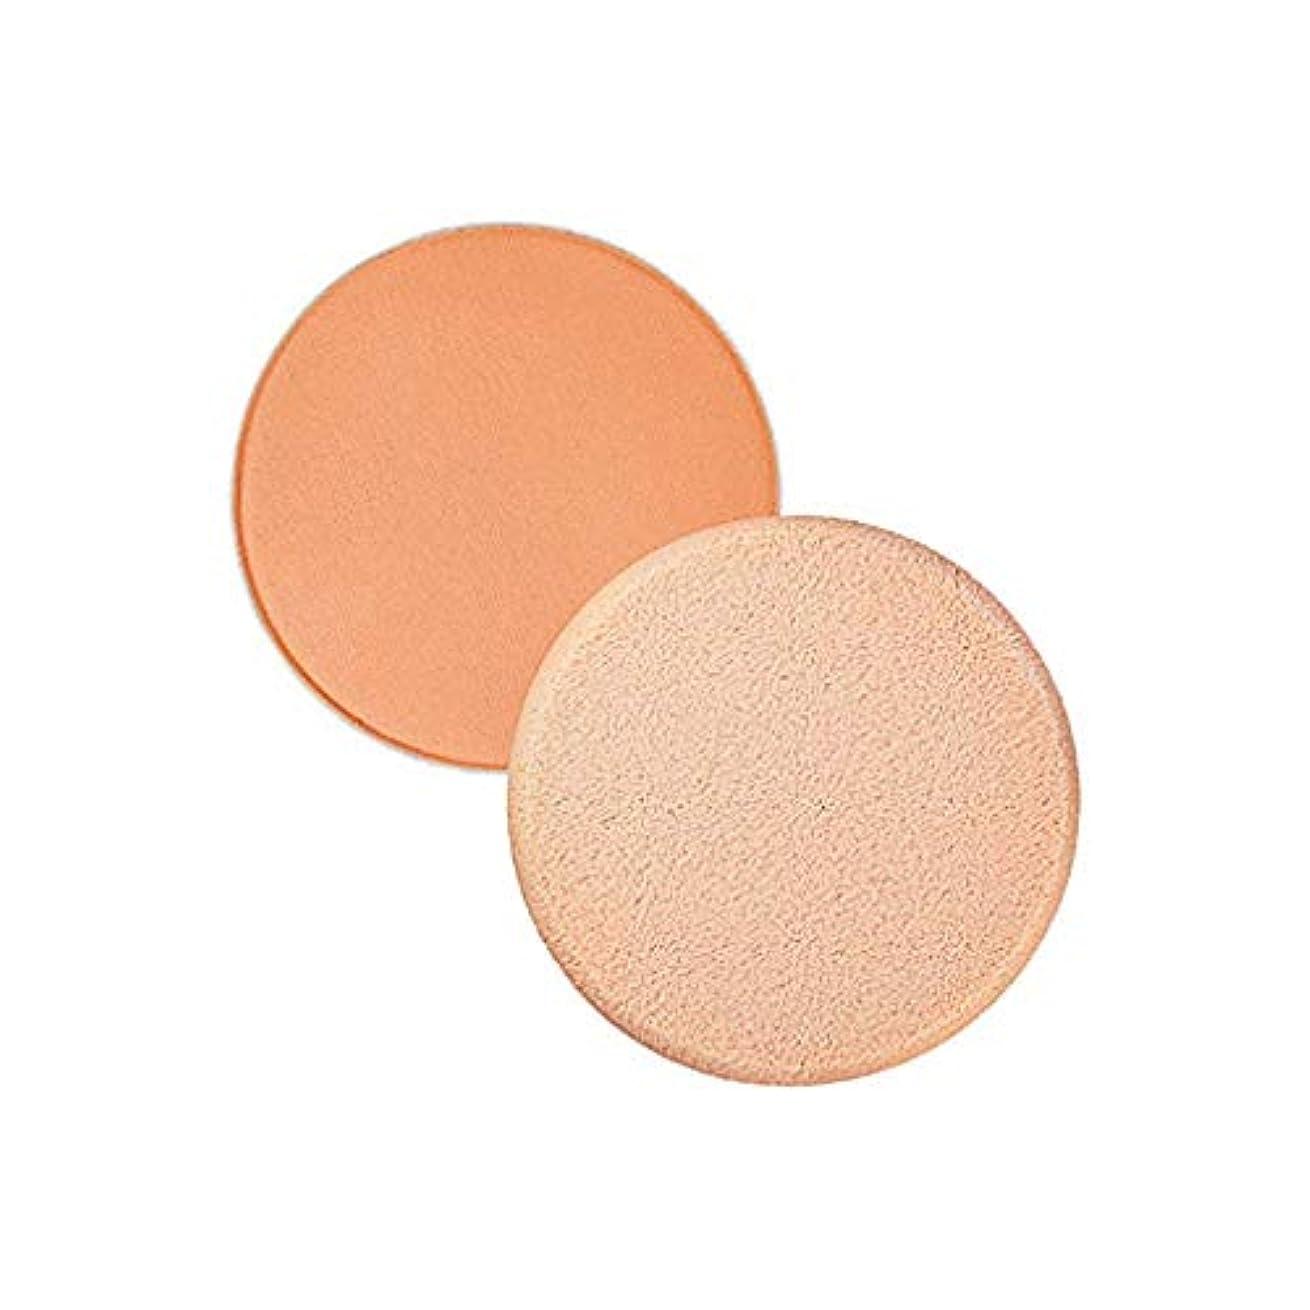 ほとんどない他の日そこ資生堂 UV Protective Compact Foundation SPF36 Refill - #Light Ivory 12g/0.42oz並行輸入品